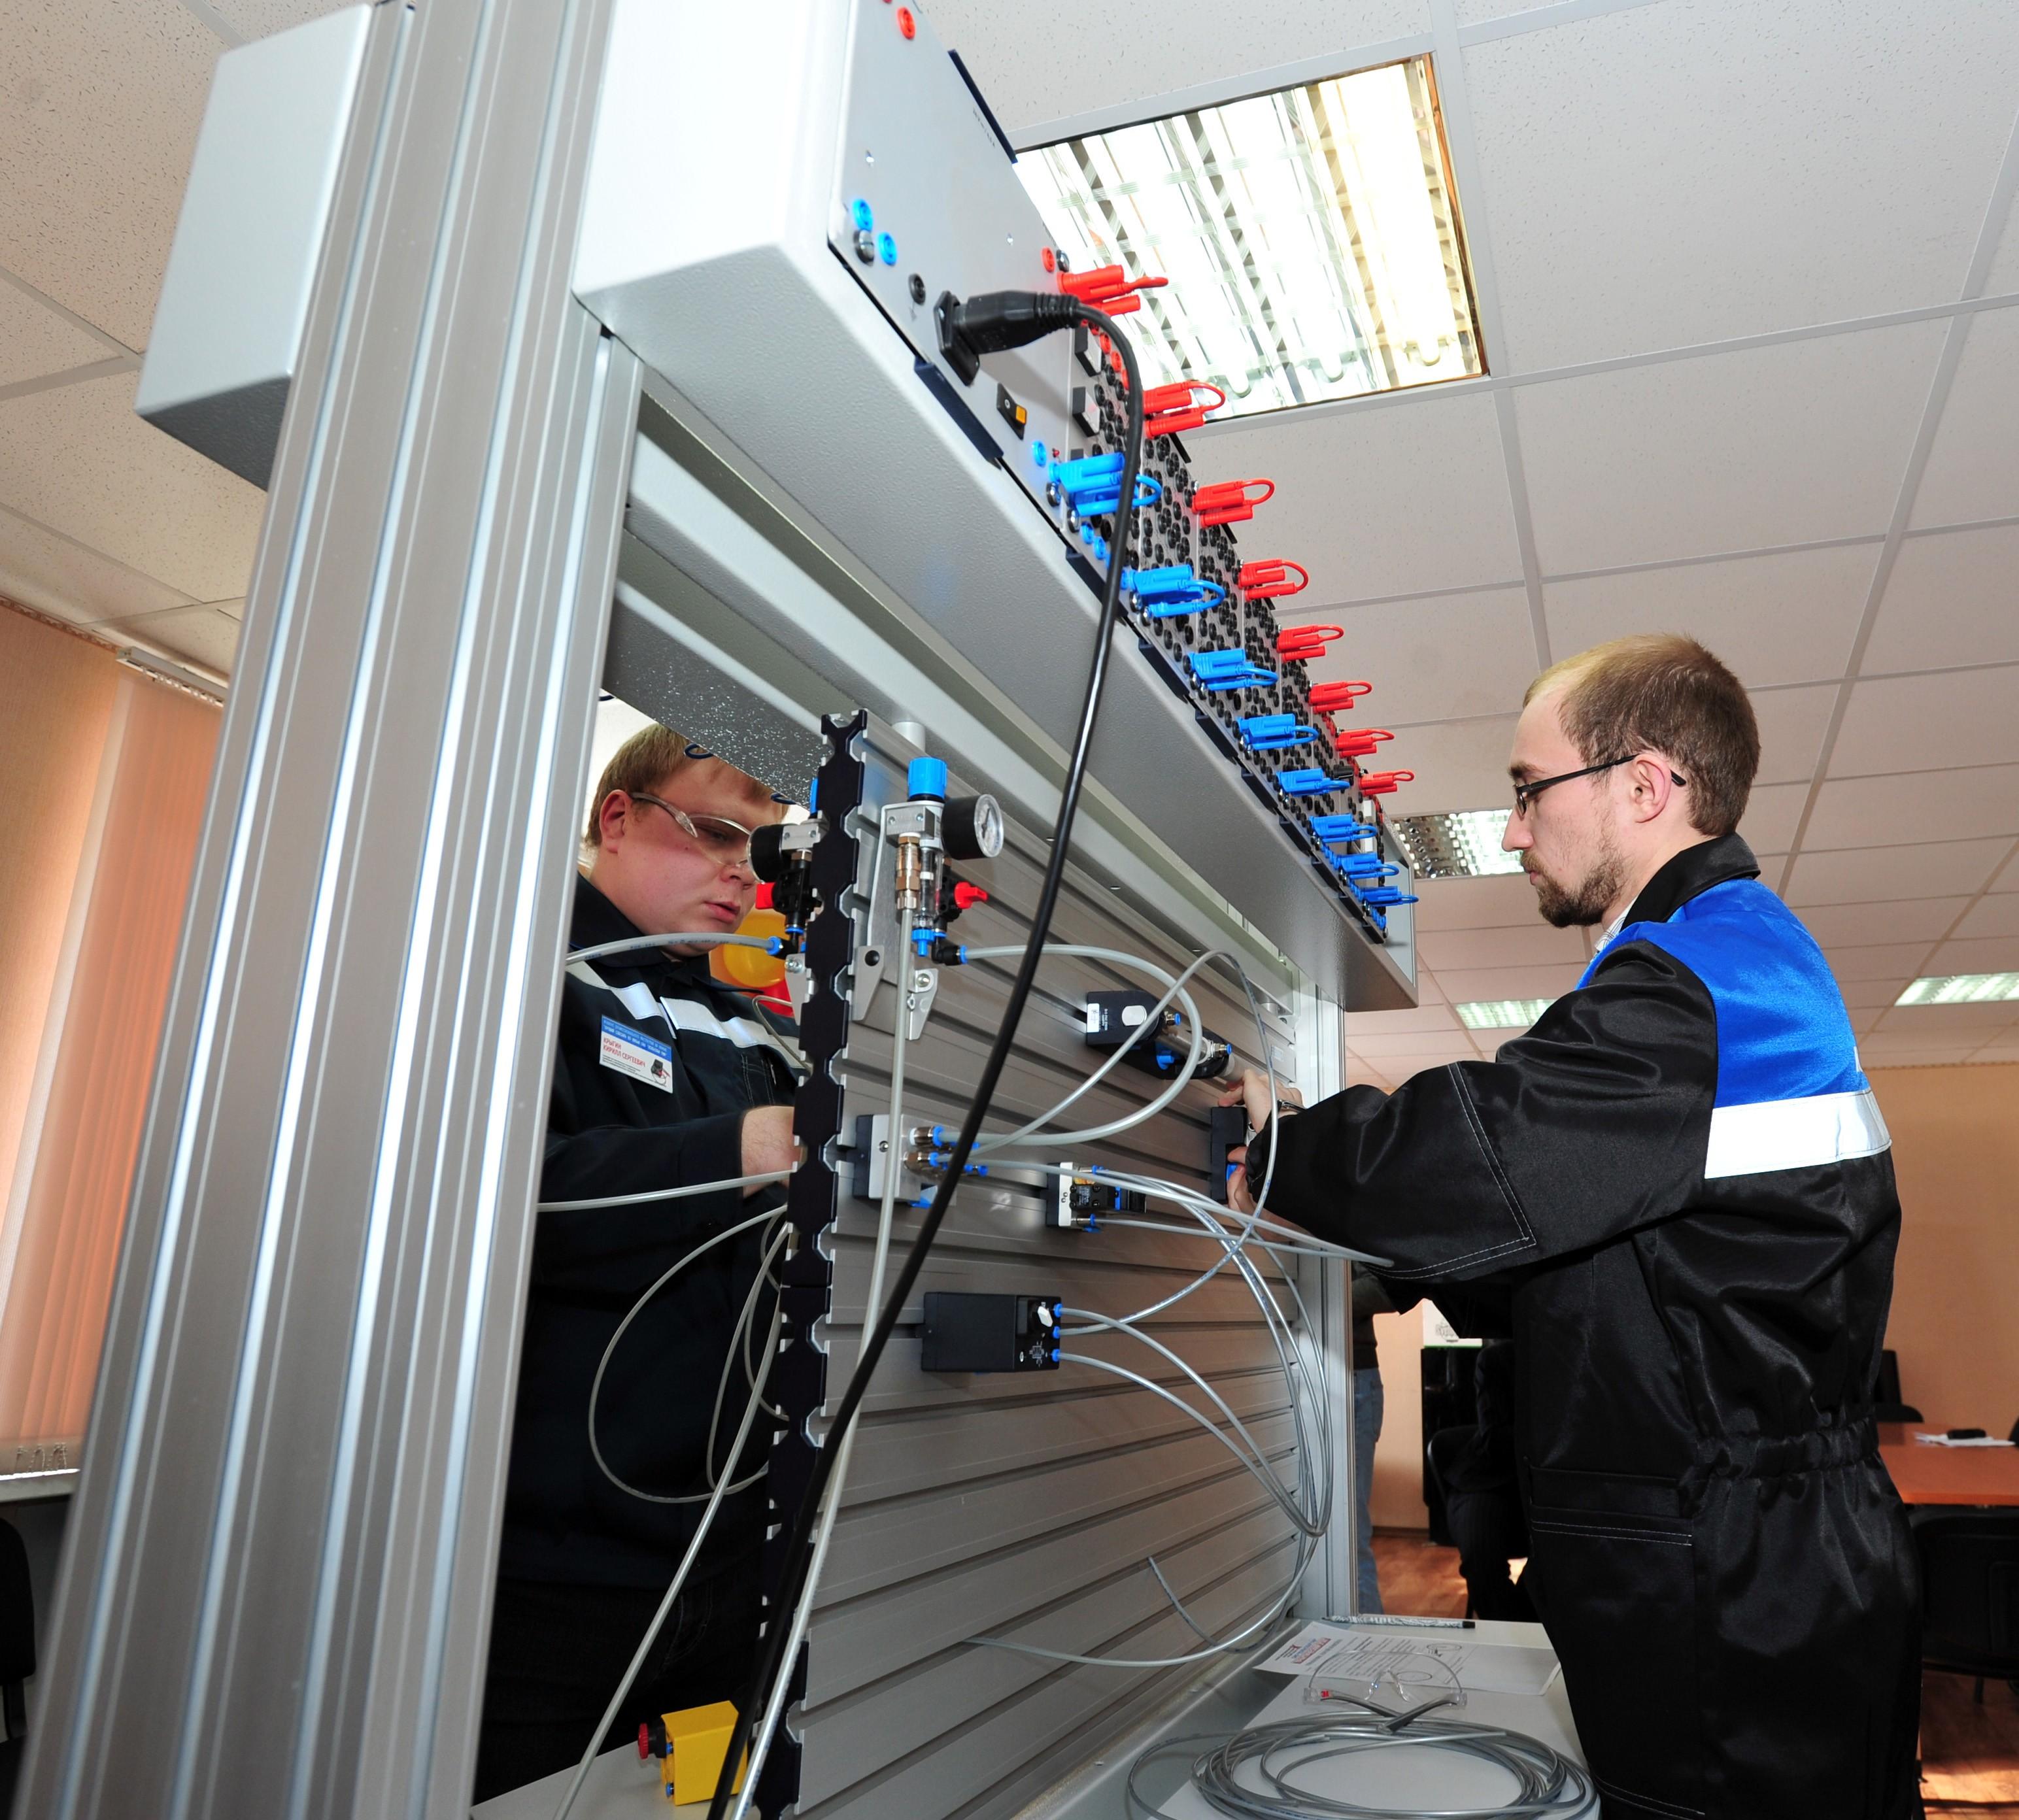 новинки в презентации по производственному обучению по кипиа ближайший банкомат Ижкомбанк